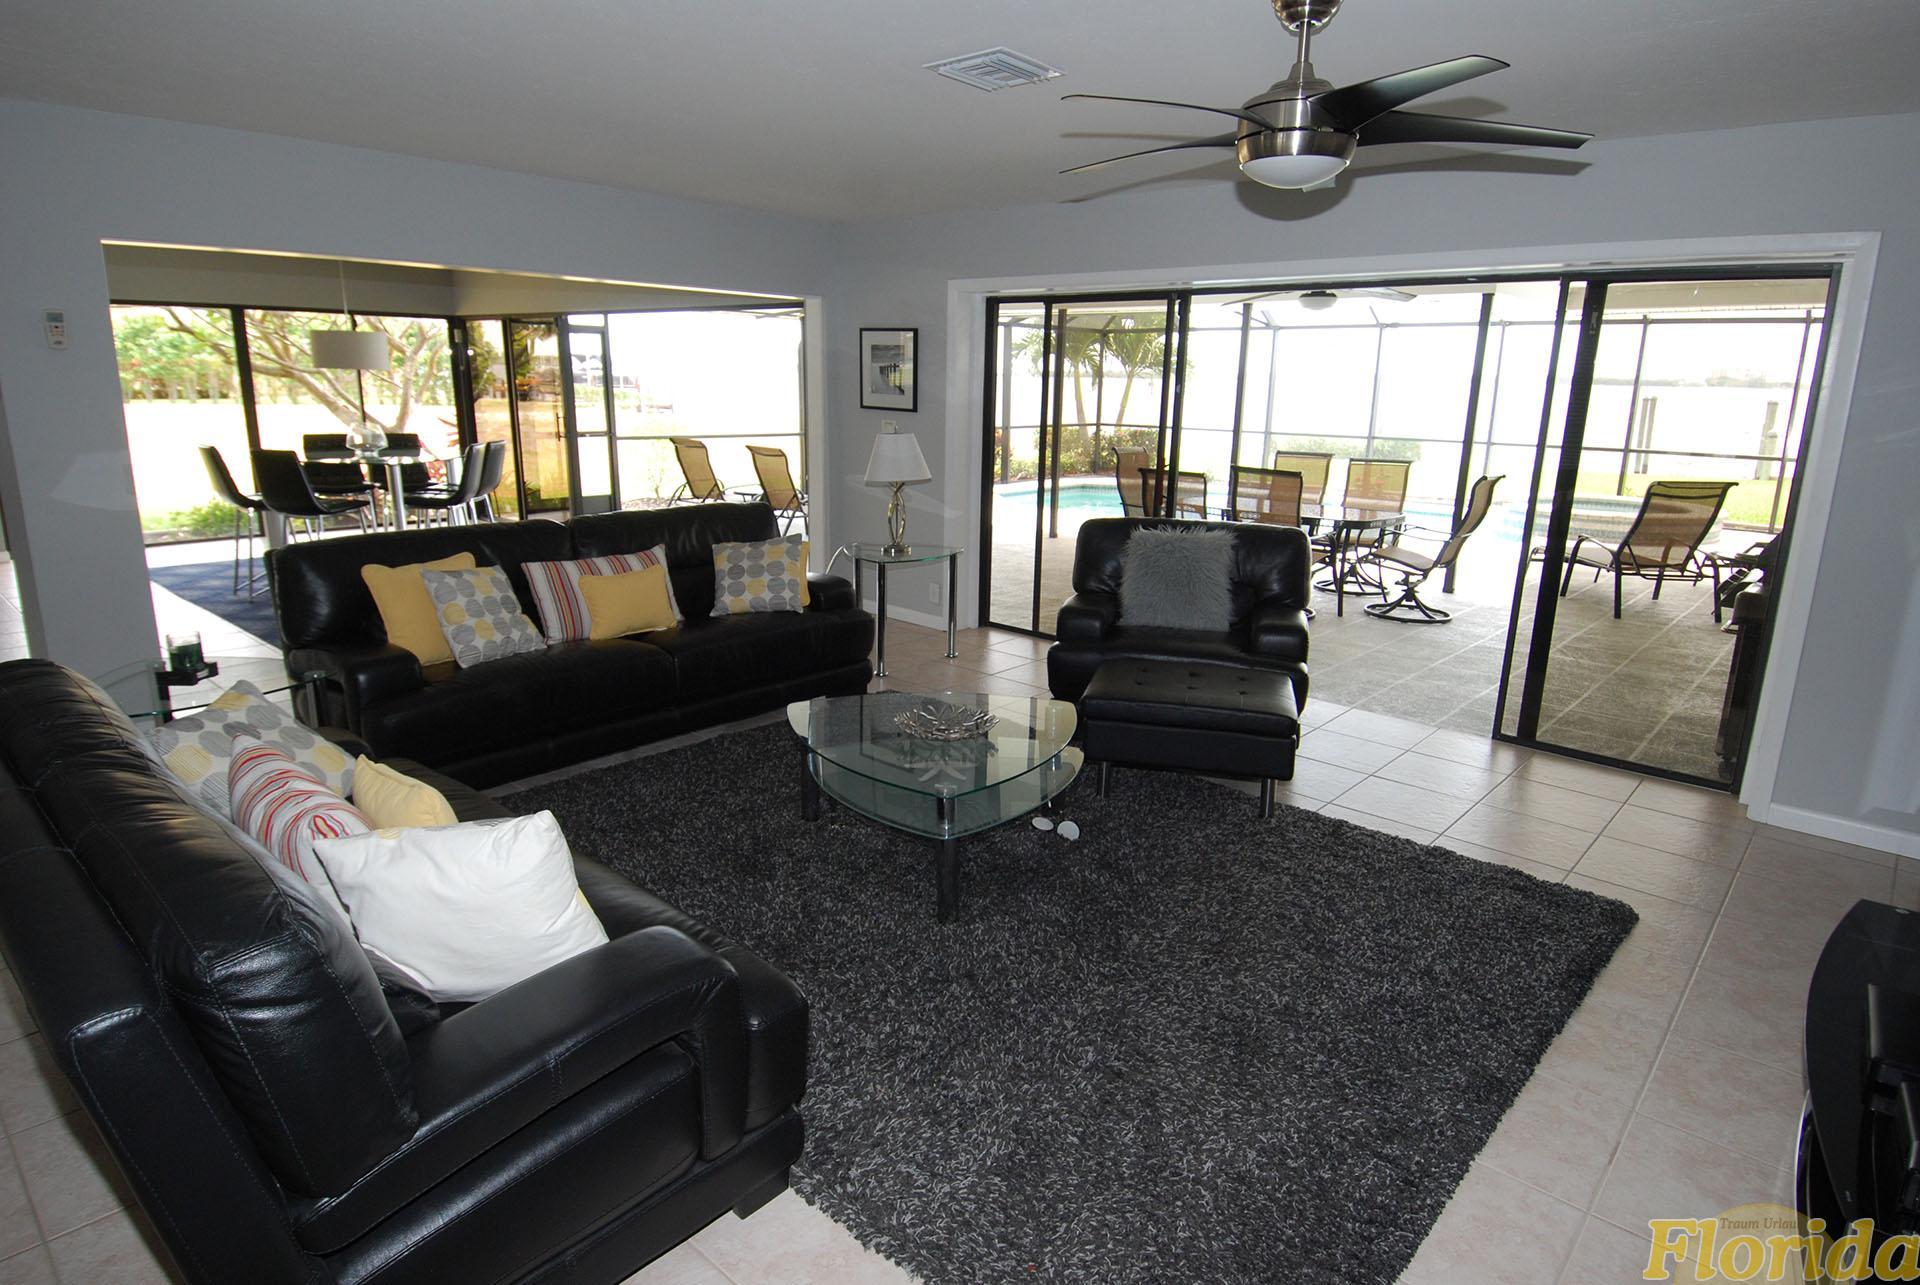 wohn esszimmer gestalten wohn esszimmer einrichten wohn und esszimmer gestalten attraktive deko. Black Bedroom Furniture Sets. Home Design Ideas